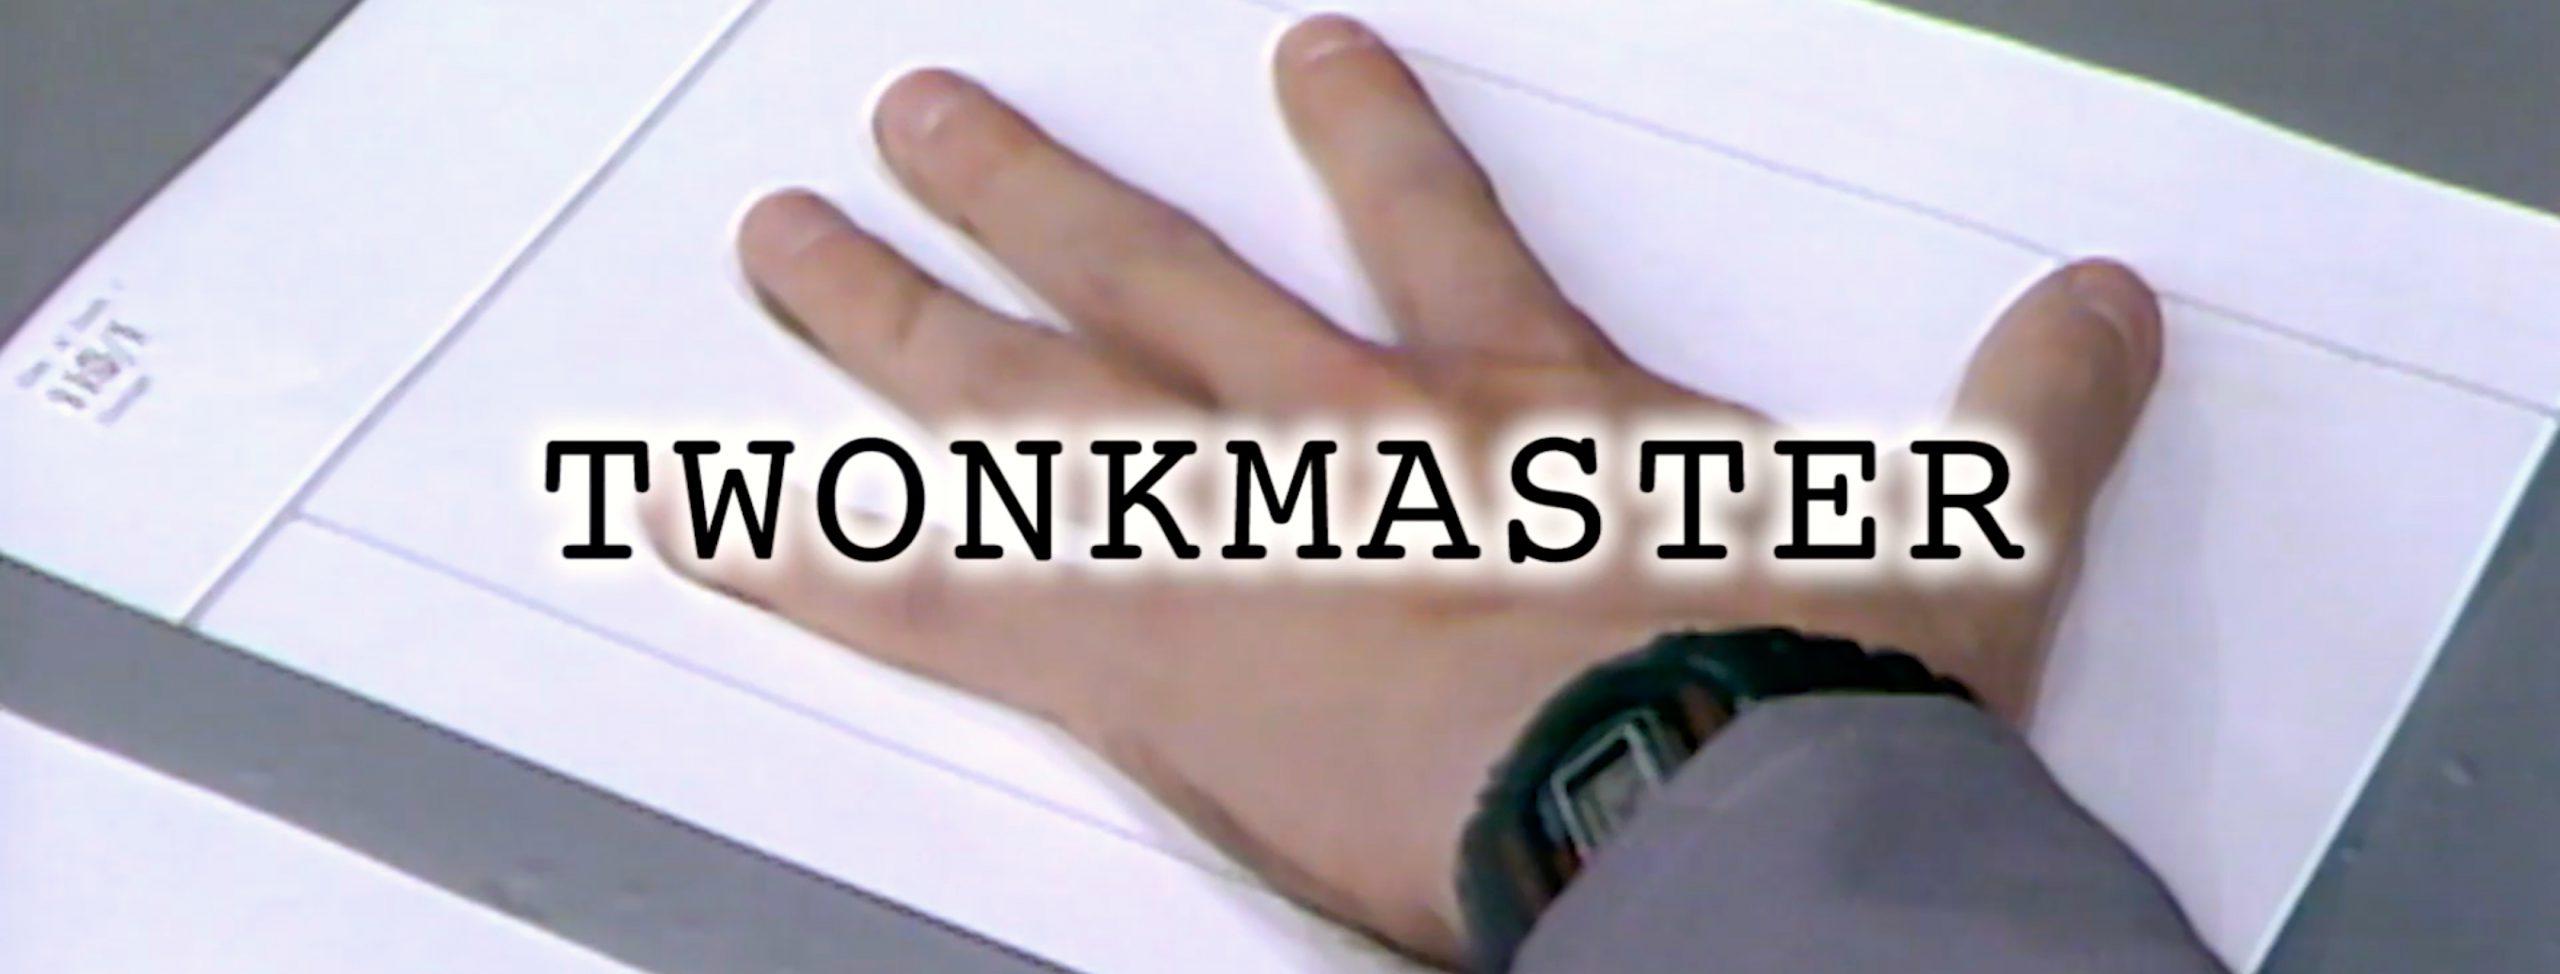 Twonkmaster